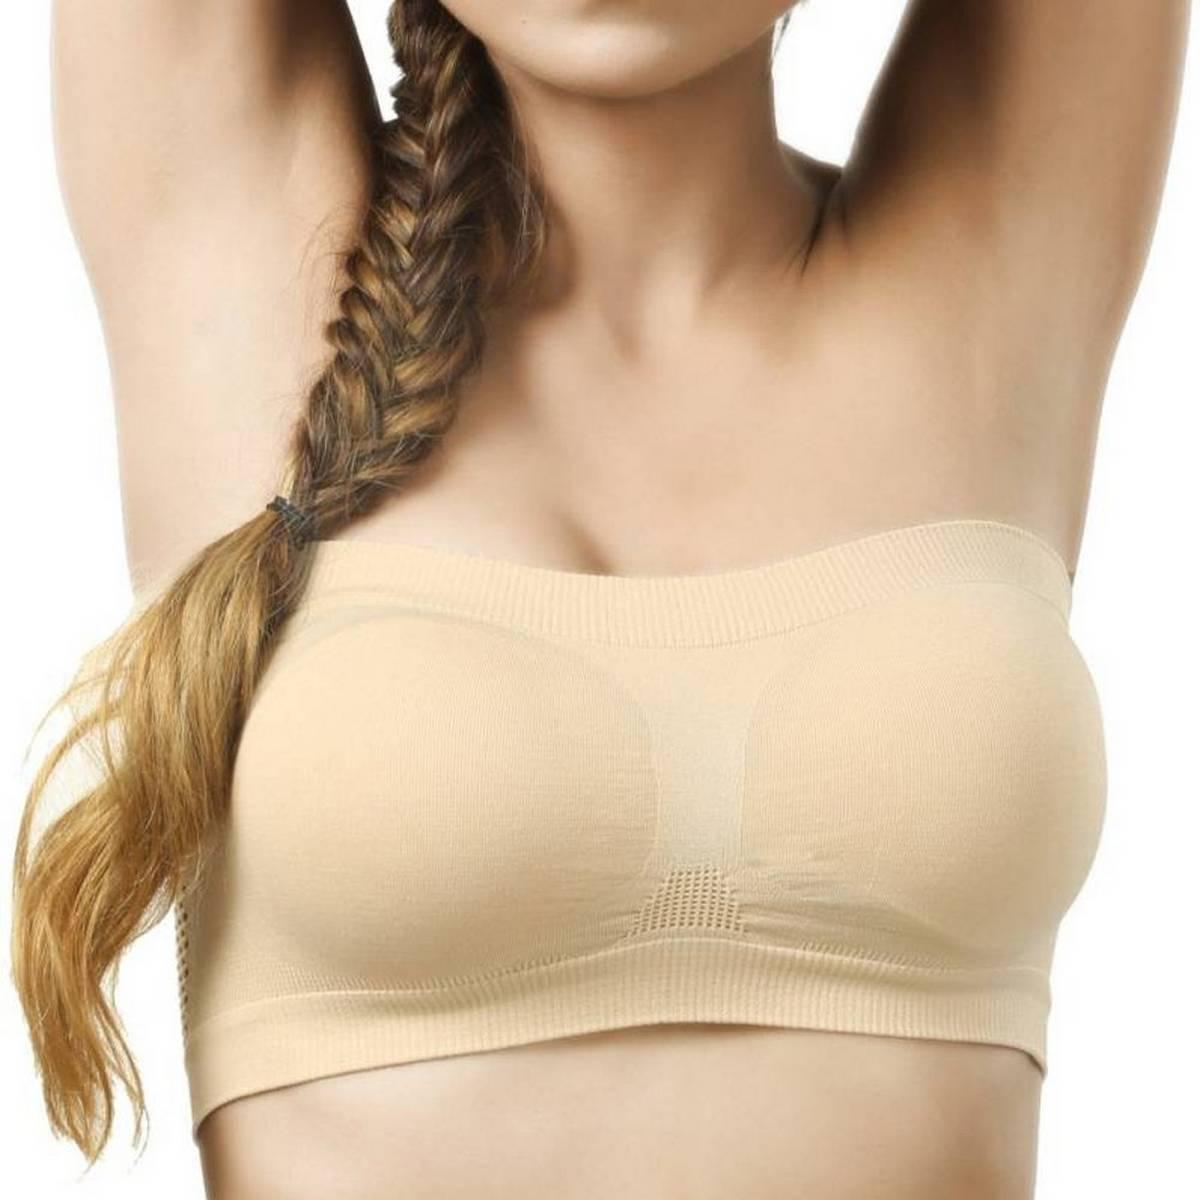 Strapless Ladies Tube Bra New Style For All Women & Girls